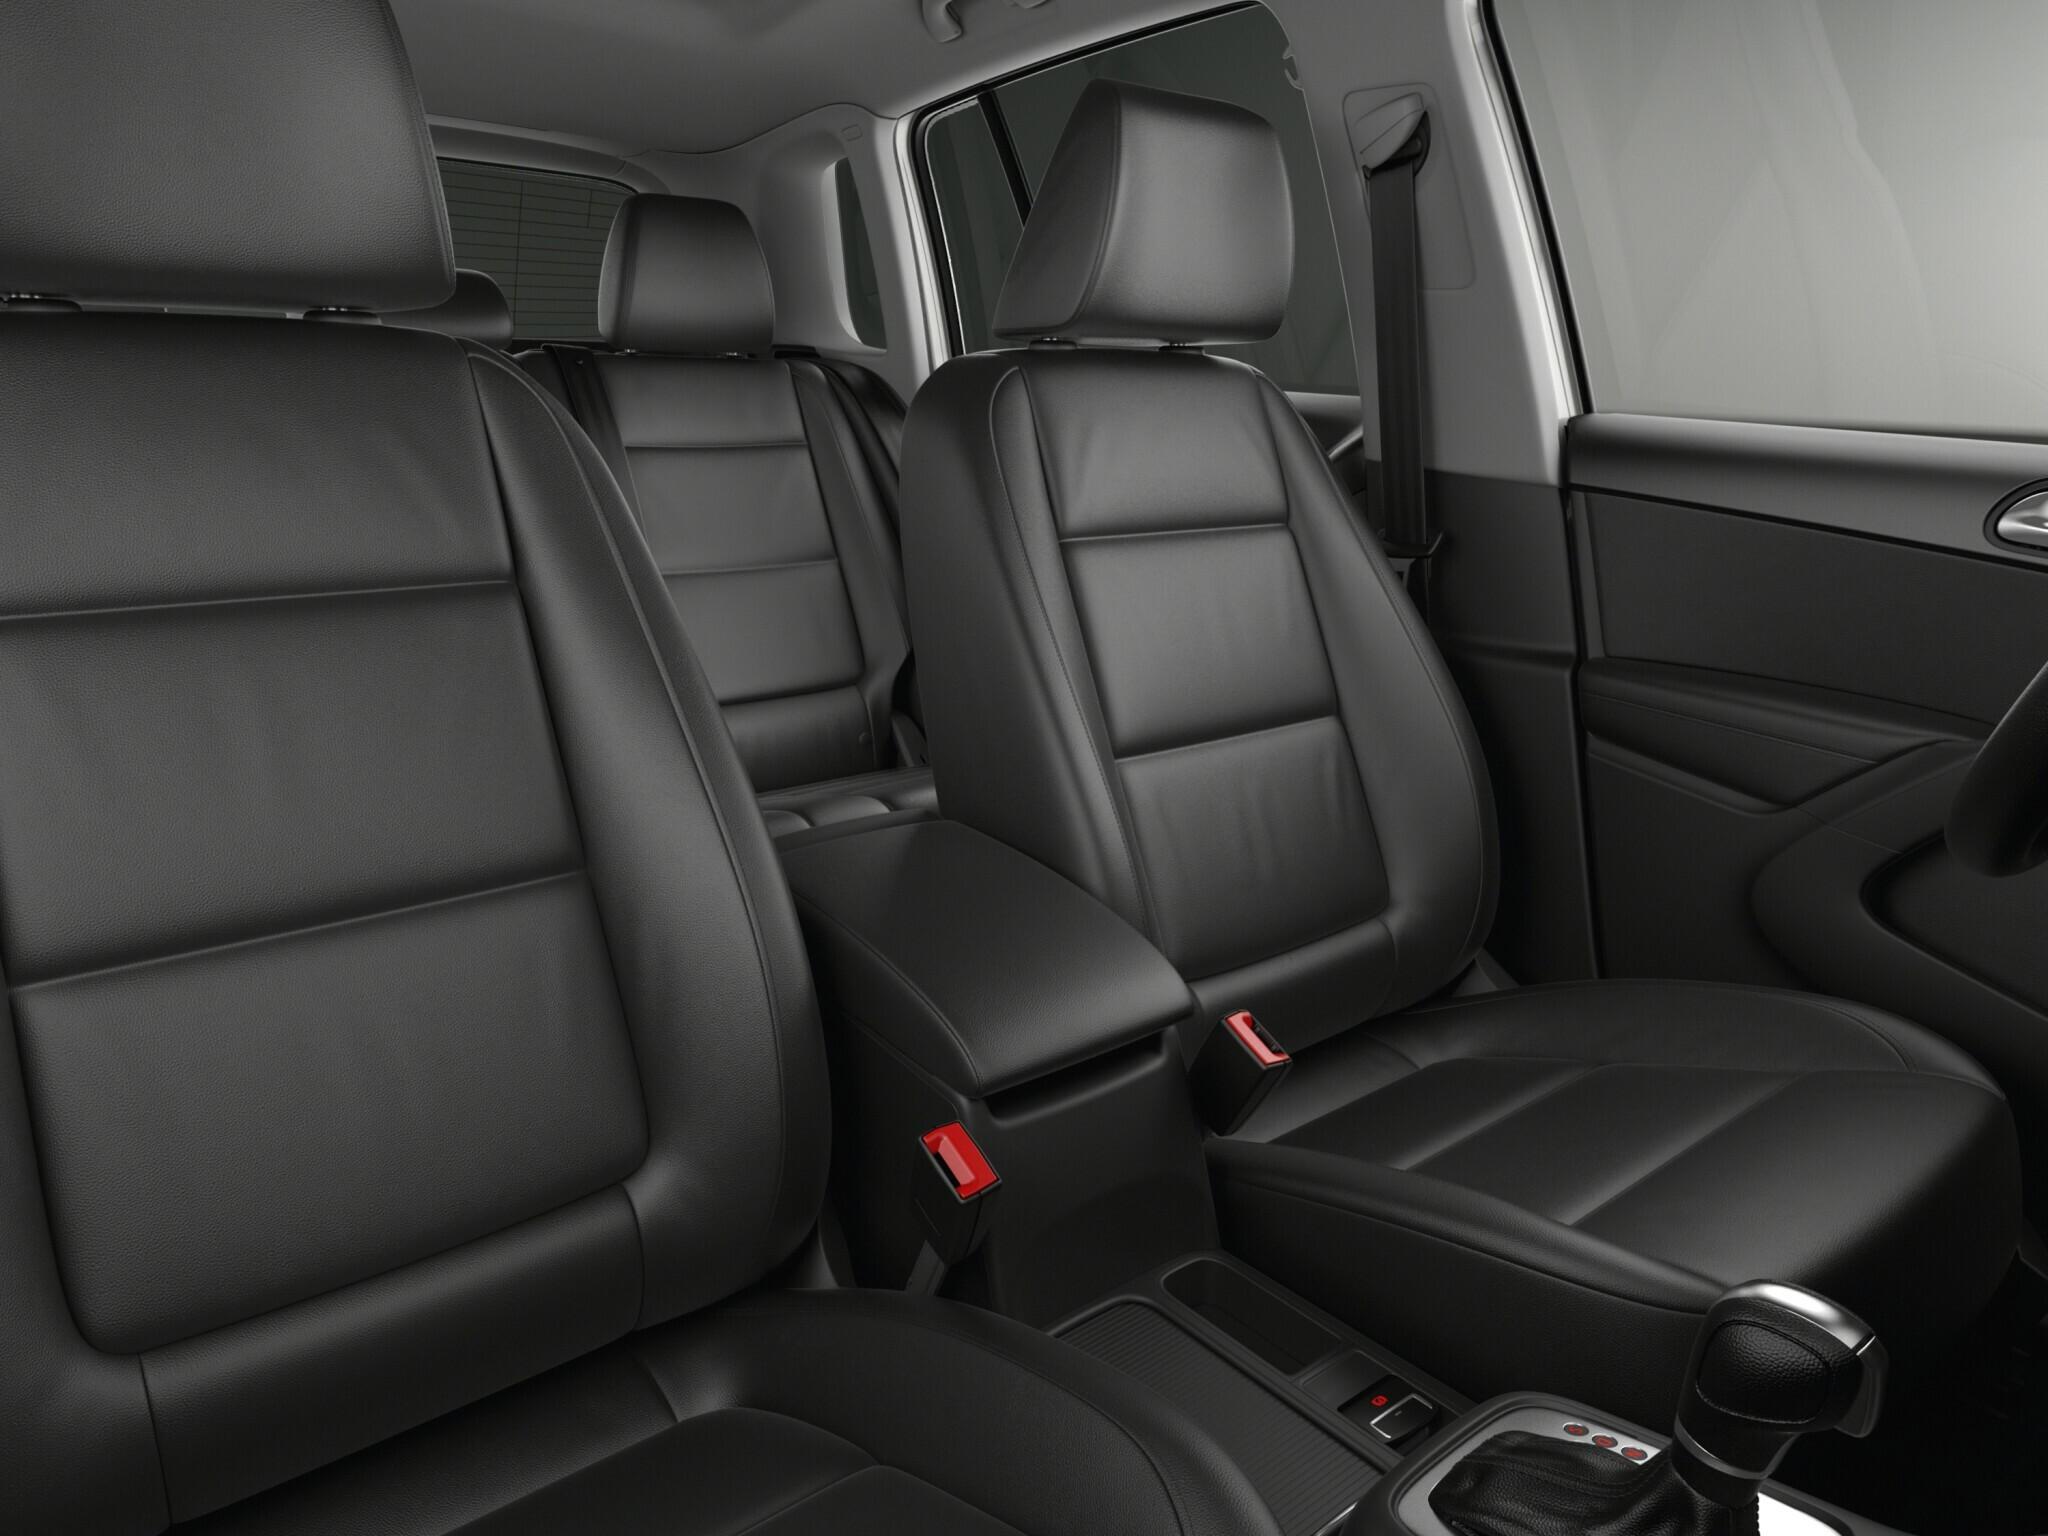 2017 volkswagen tiguan interior - Volkswagen tiguan interior ...